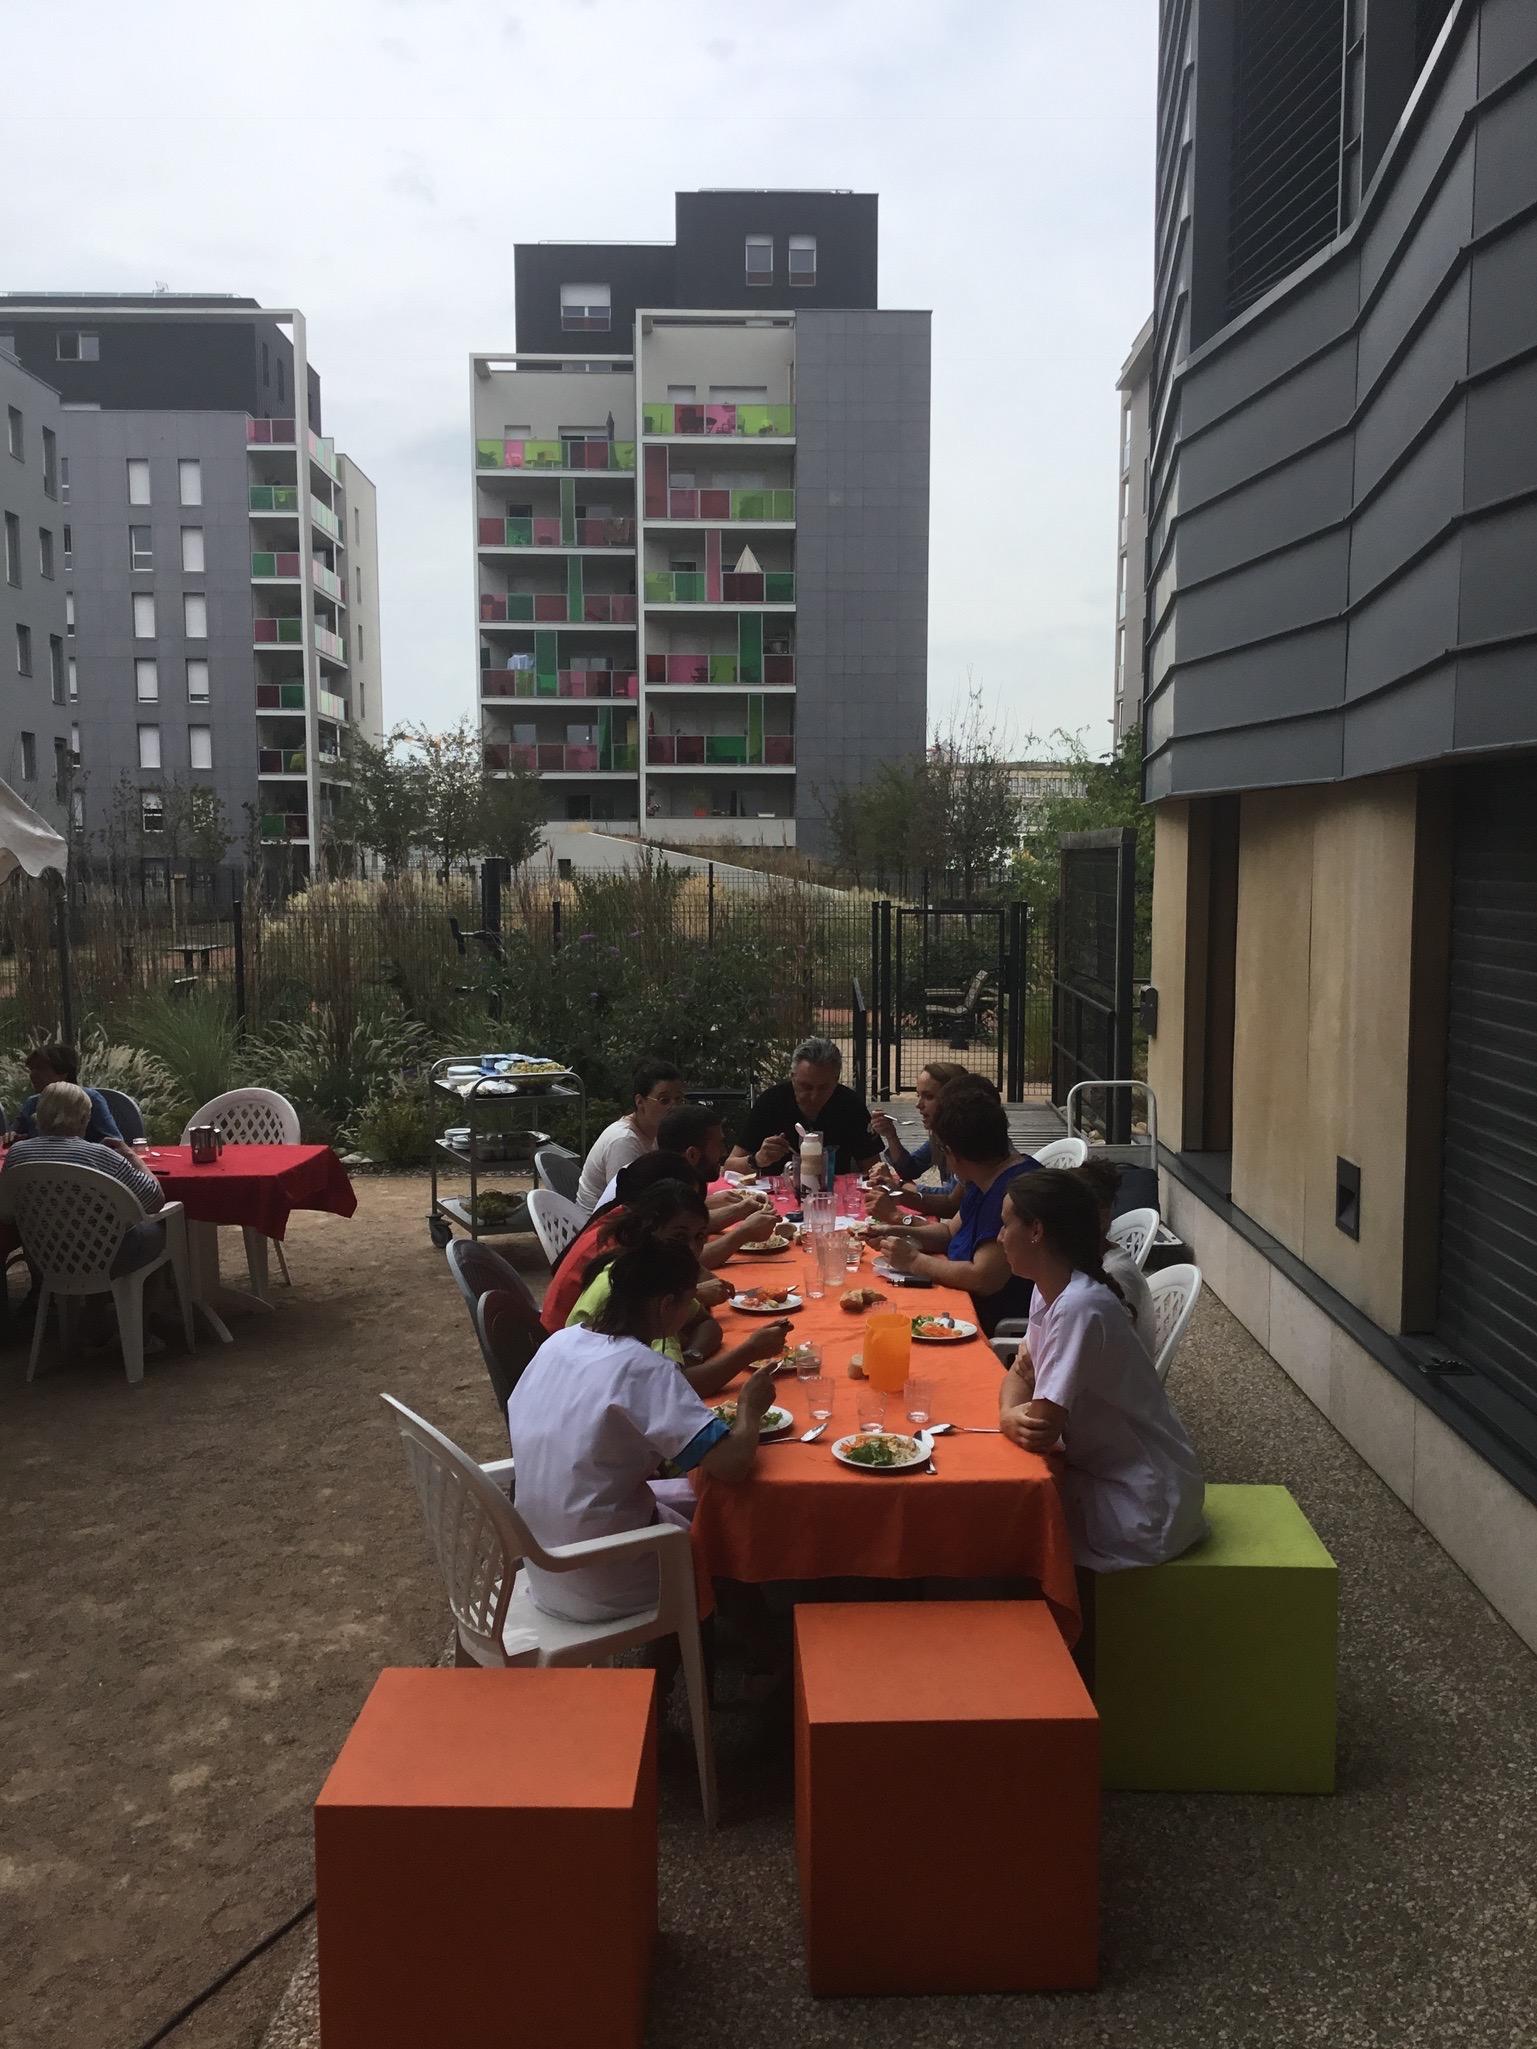 Repas sous chapiteau - cour des rencontres005